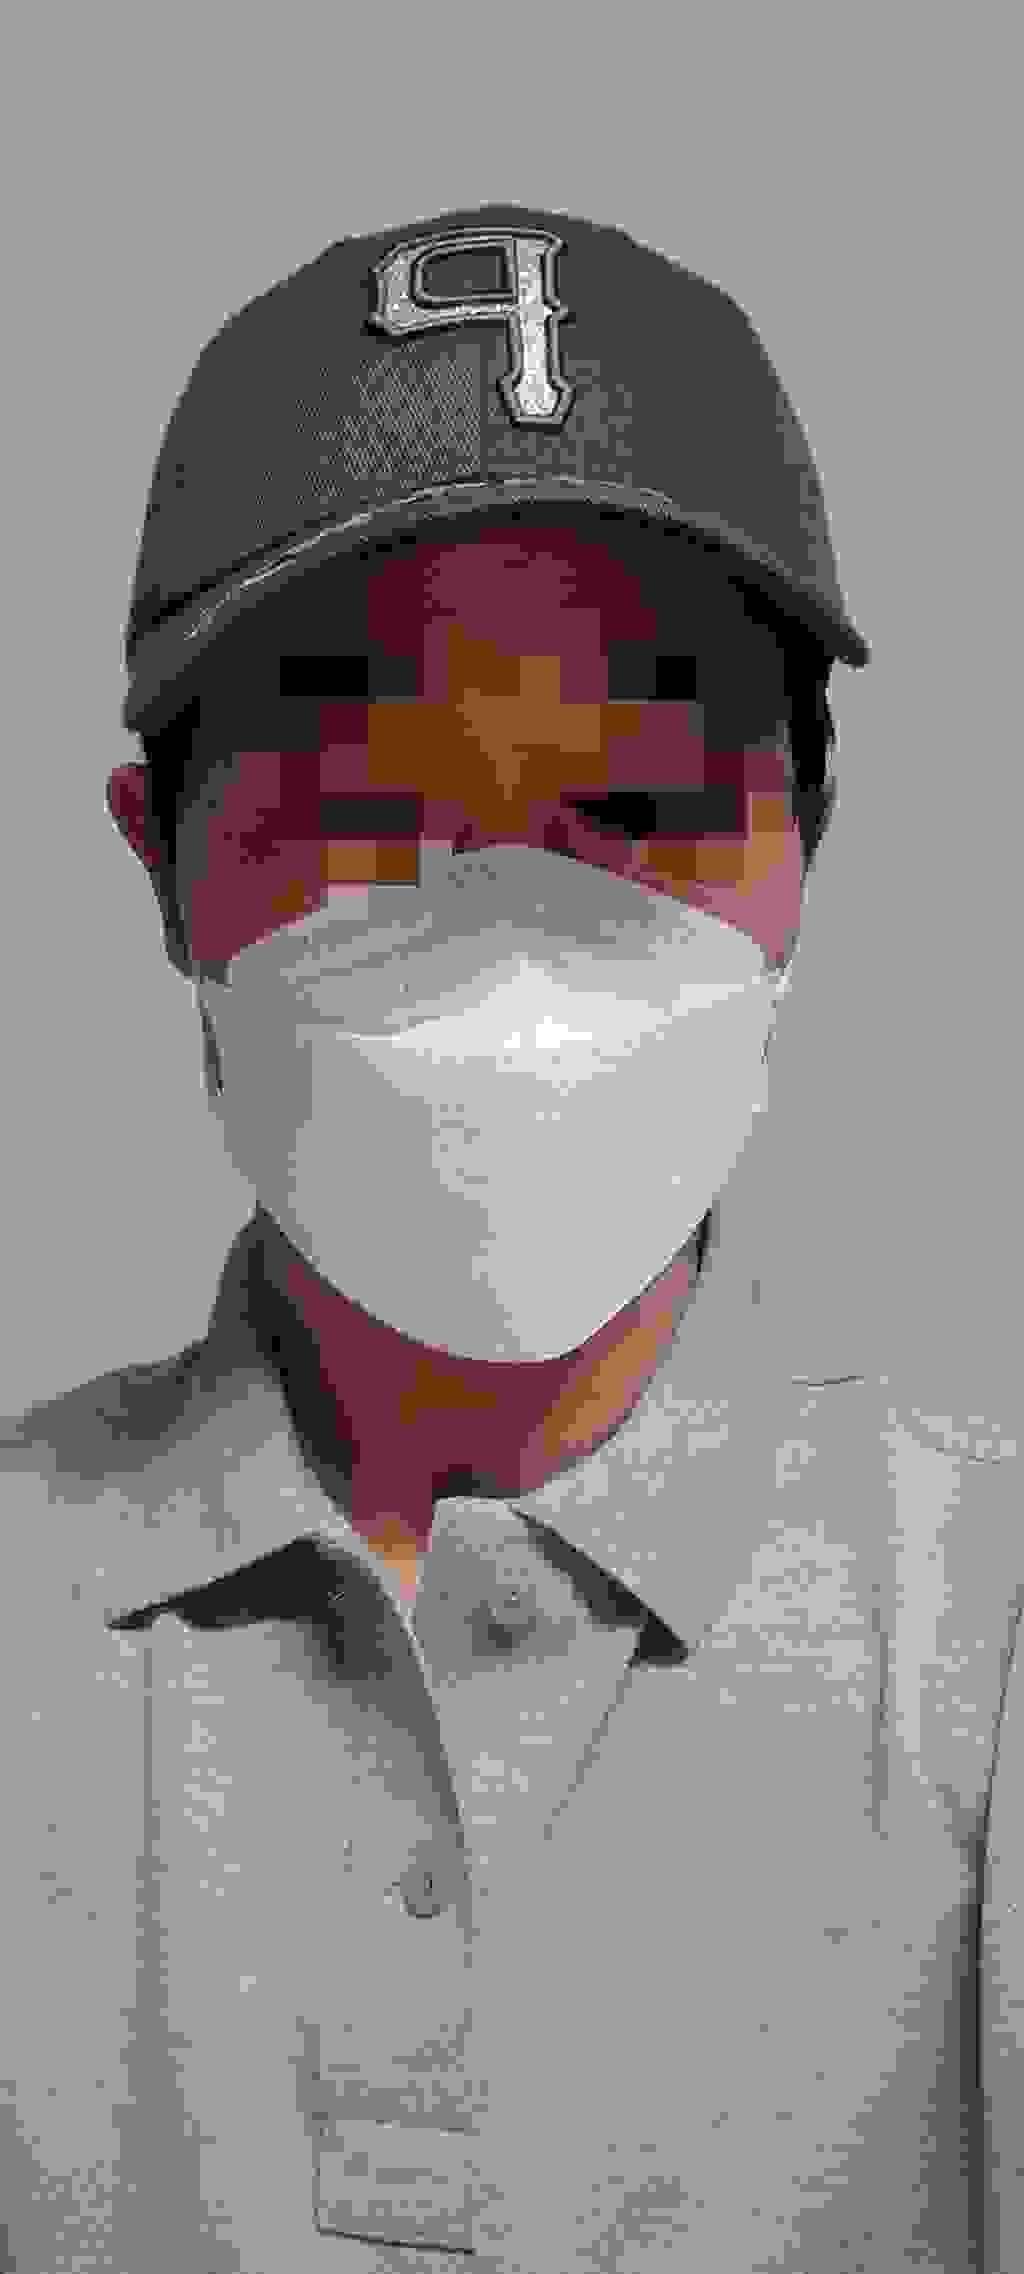 다꾸앙 남성용 완벽파트너 PK 카라 긴팔 티셔츠 C06K9_tp2113  리뷰 후기